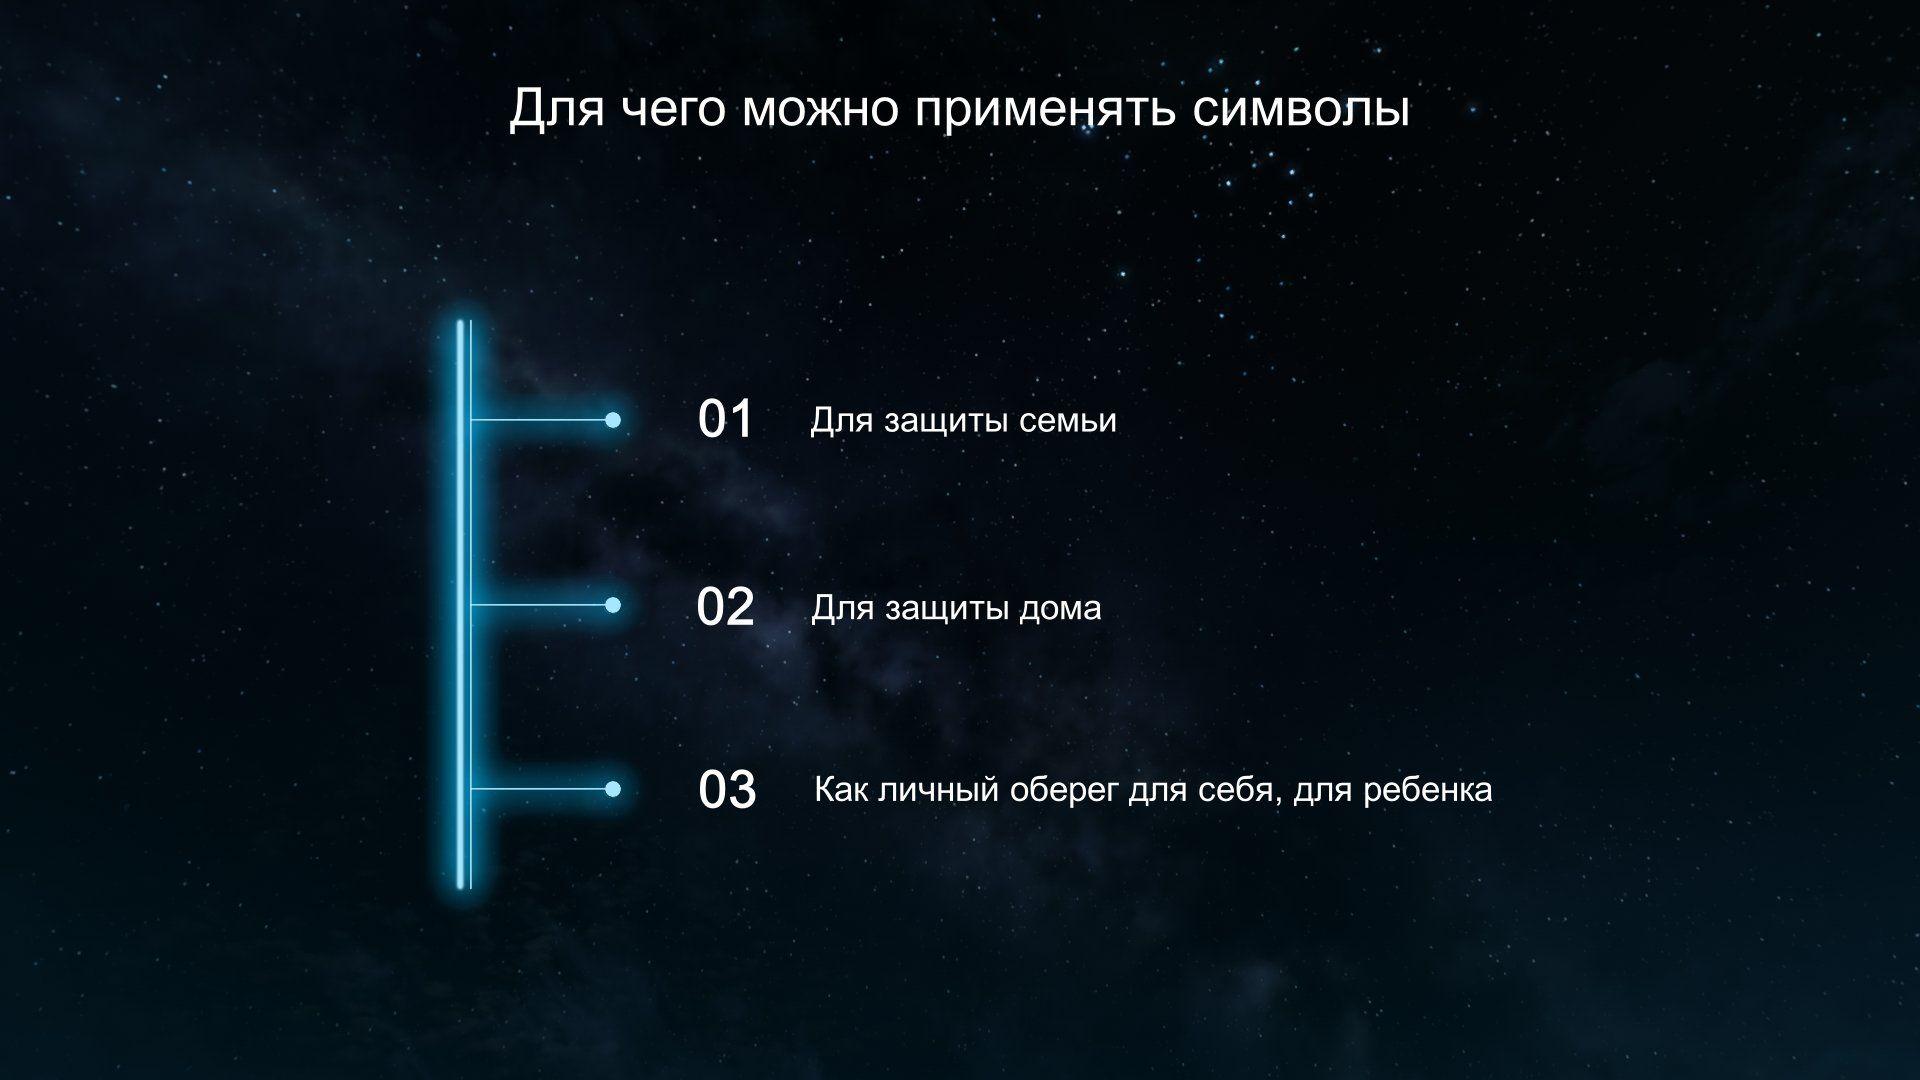 Для чего можноп применять символы